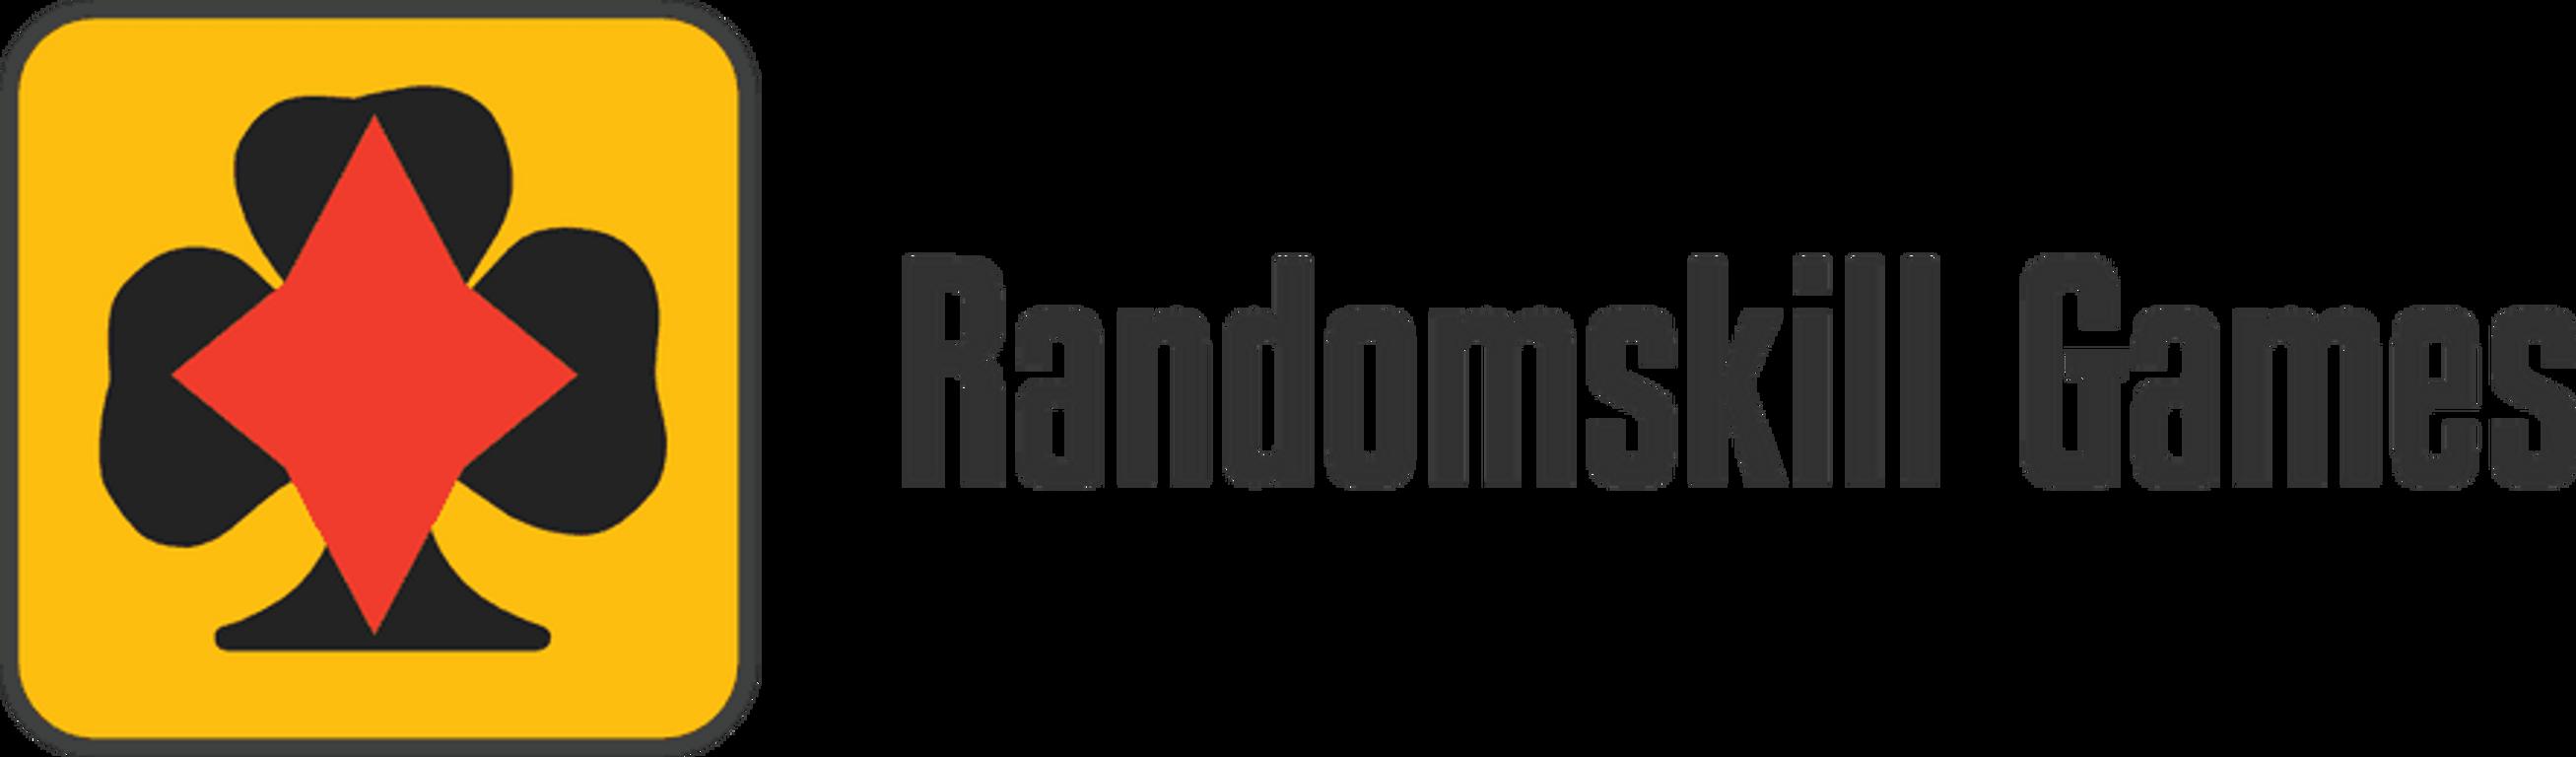 Randomskill+Games